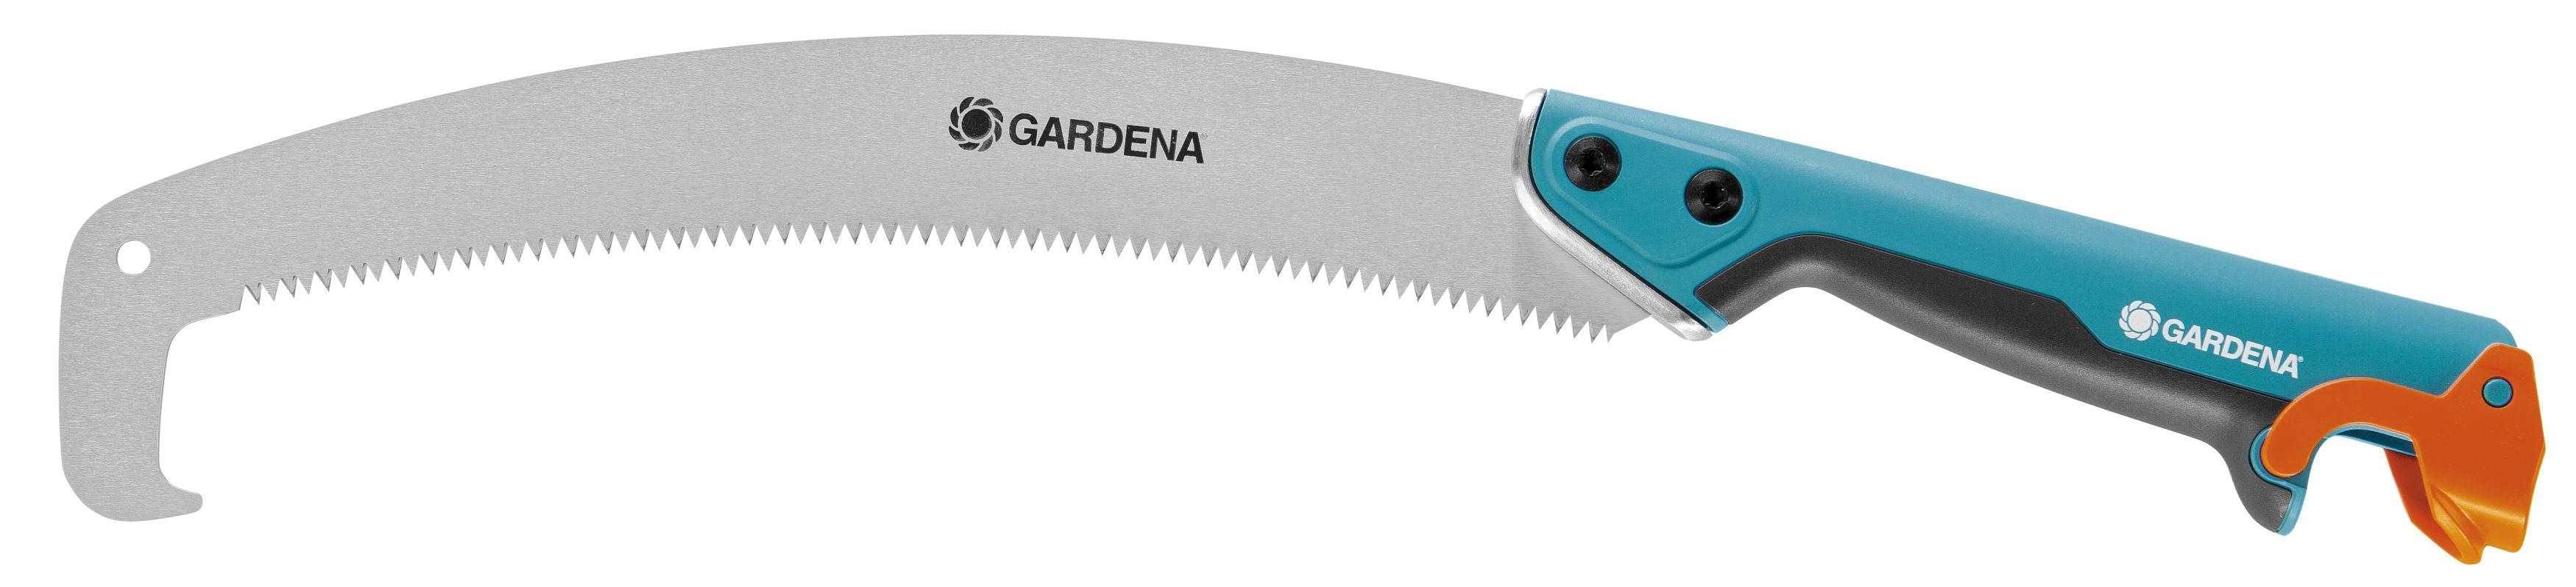 Пила садовая Gardena 300 pp 08738-20